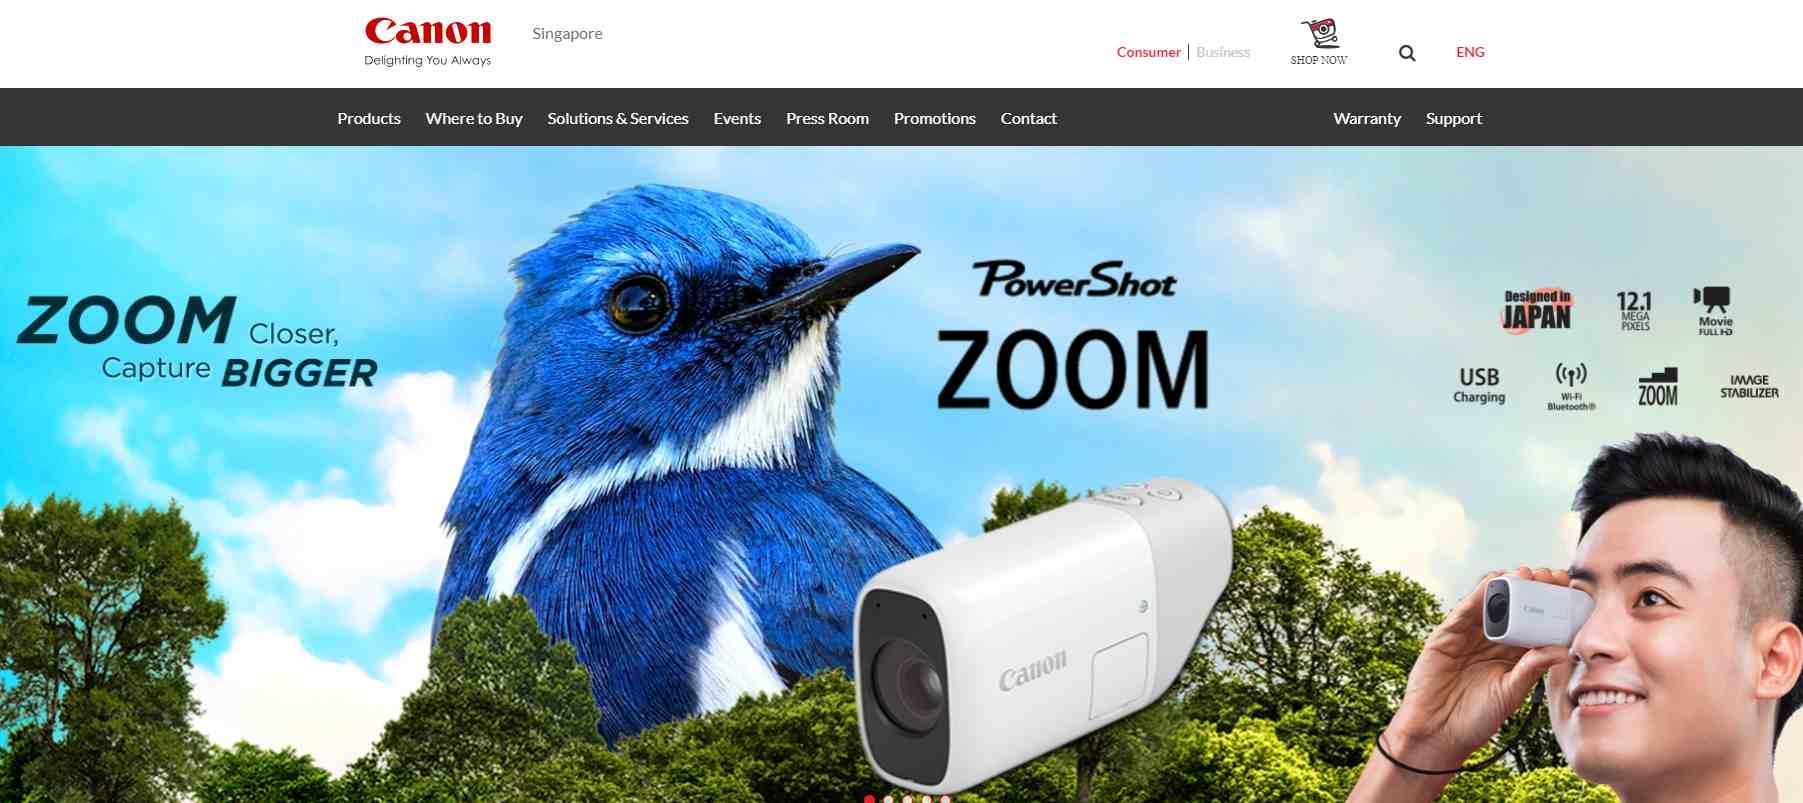 canon Top Digitalization Service Providers in Singapore